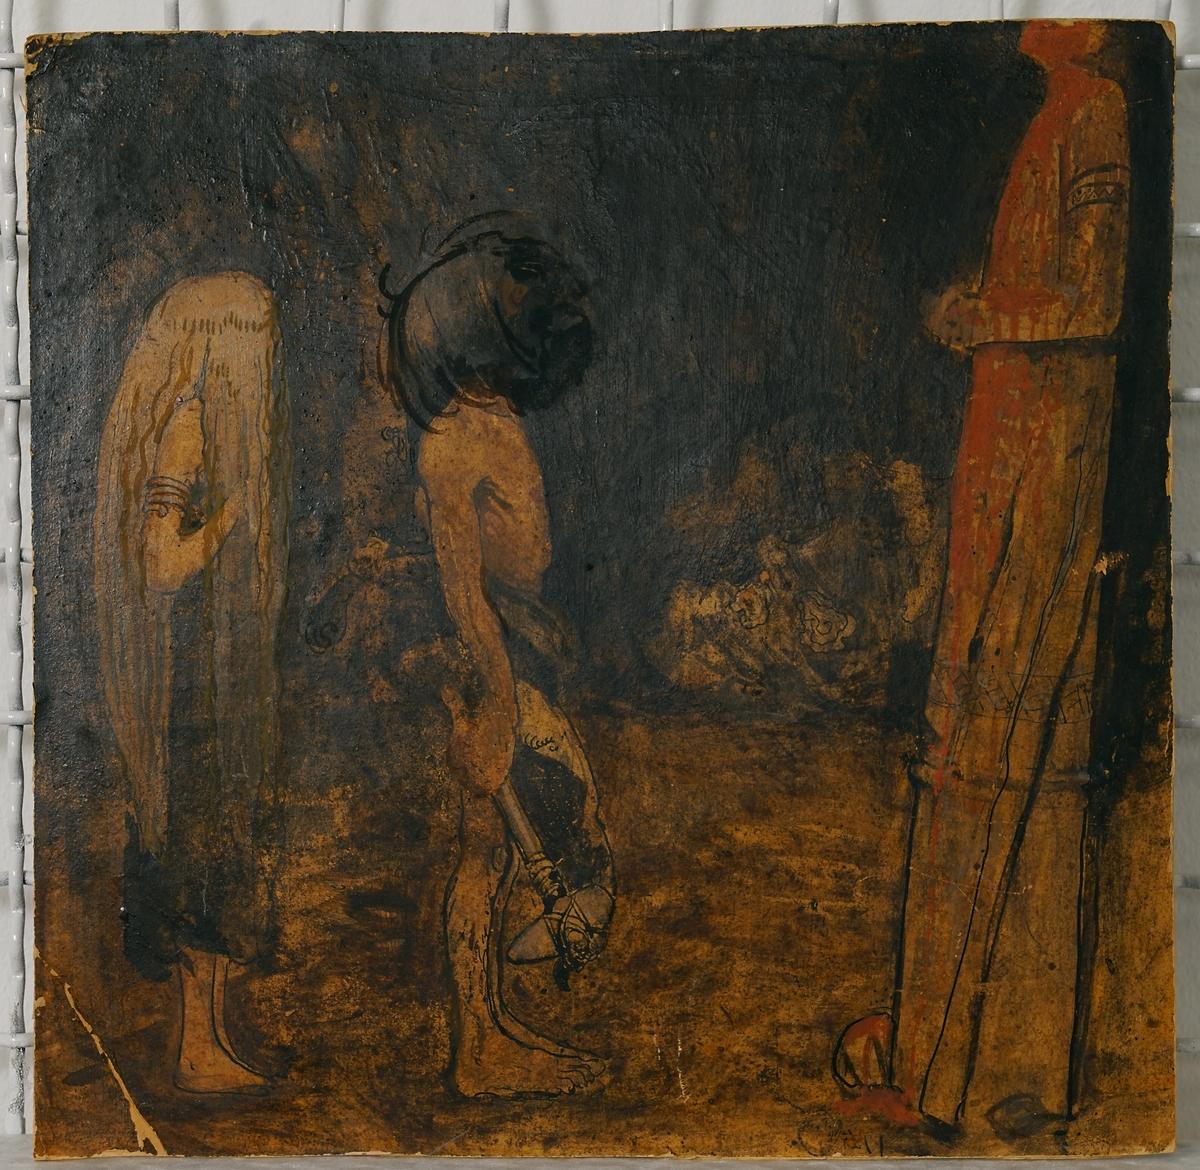 """Målningen föreställer en ung kvinna och en ung man (eller troll, gestalten påminner något om Vill-Vallareman) som står vända mot en gudabild, alla avbildade i profil. Kvinnan som står till vänster har långt ljust hår, är klädd i en mörk dräkt och är barfota. Mannen som har halvlångt mörkt hår står strax till höger om henne och är endast klädd i ett höftskynke av päls. I handen håller han en stenyxa. Båda står vända mot höger där en hög gudabild står med knäppta händer i brösthöjd. Något som liknar blod har runnit ner längs figuren och ner på marken framför den. Ansiktet ligger utanför bilden. Bakgrunden är mörk och otydlig, men något som liknar en stor sten ligger till höger. Färgskalan går i svart, brunt och gulbrunt med ett litet inslag av rött. Genomförandet är mycket skissartat. Bauer har  huvudsakligen använt sig av oljefärg men också tusch och eventuellt gouache på vissa ställen. Se även JM 21431.  Baksida: På baksidan (se bild) finns en skiss av en ung man (påminner om personen på framsidan) med bar överkropp och bara ben. Han lutar sig åt vänster, fram emot några stora stenblock som utgör hela vänstersidan i verket. Skissen är troligen utförd i utblandad tusch med konturlinjer i outspädd tusch. På vissa ställen ser man linjer i blyerts. Gråskala. Mycket skissartat genomförande. Upptill på bildytan sitter två lappar med siffrorna """"231"""" och """"149"""".  På vänstra ramlisten sitter en lapp med siffran """"8"""" och längst till höger på övre ramlisten och strax nedanför på pappen finns oläslig text i blyerts.  Montering/ram: Brun träram."""